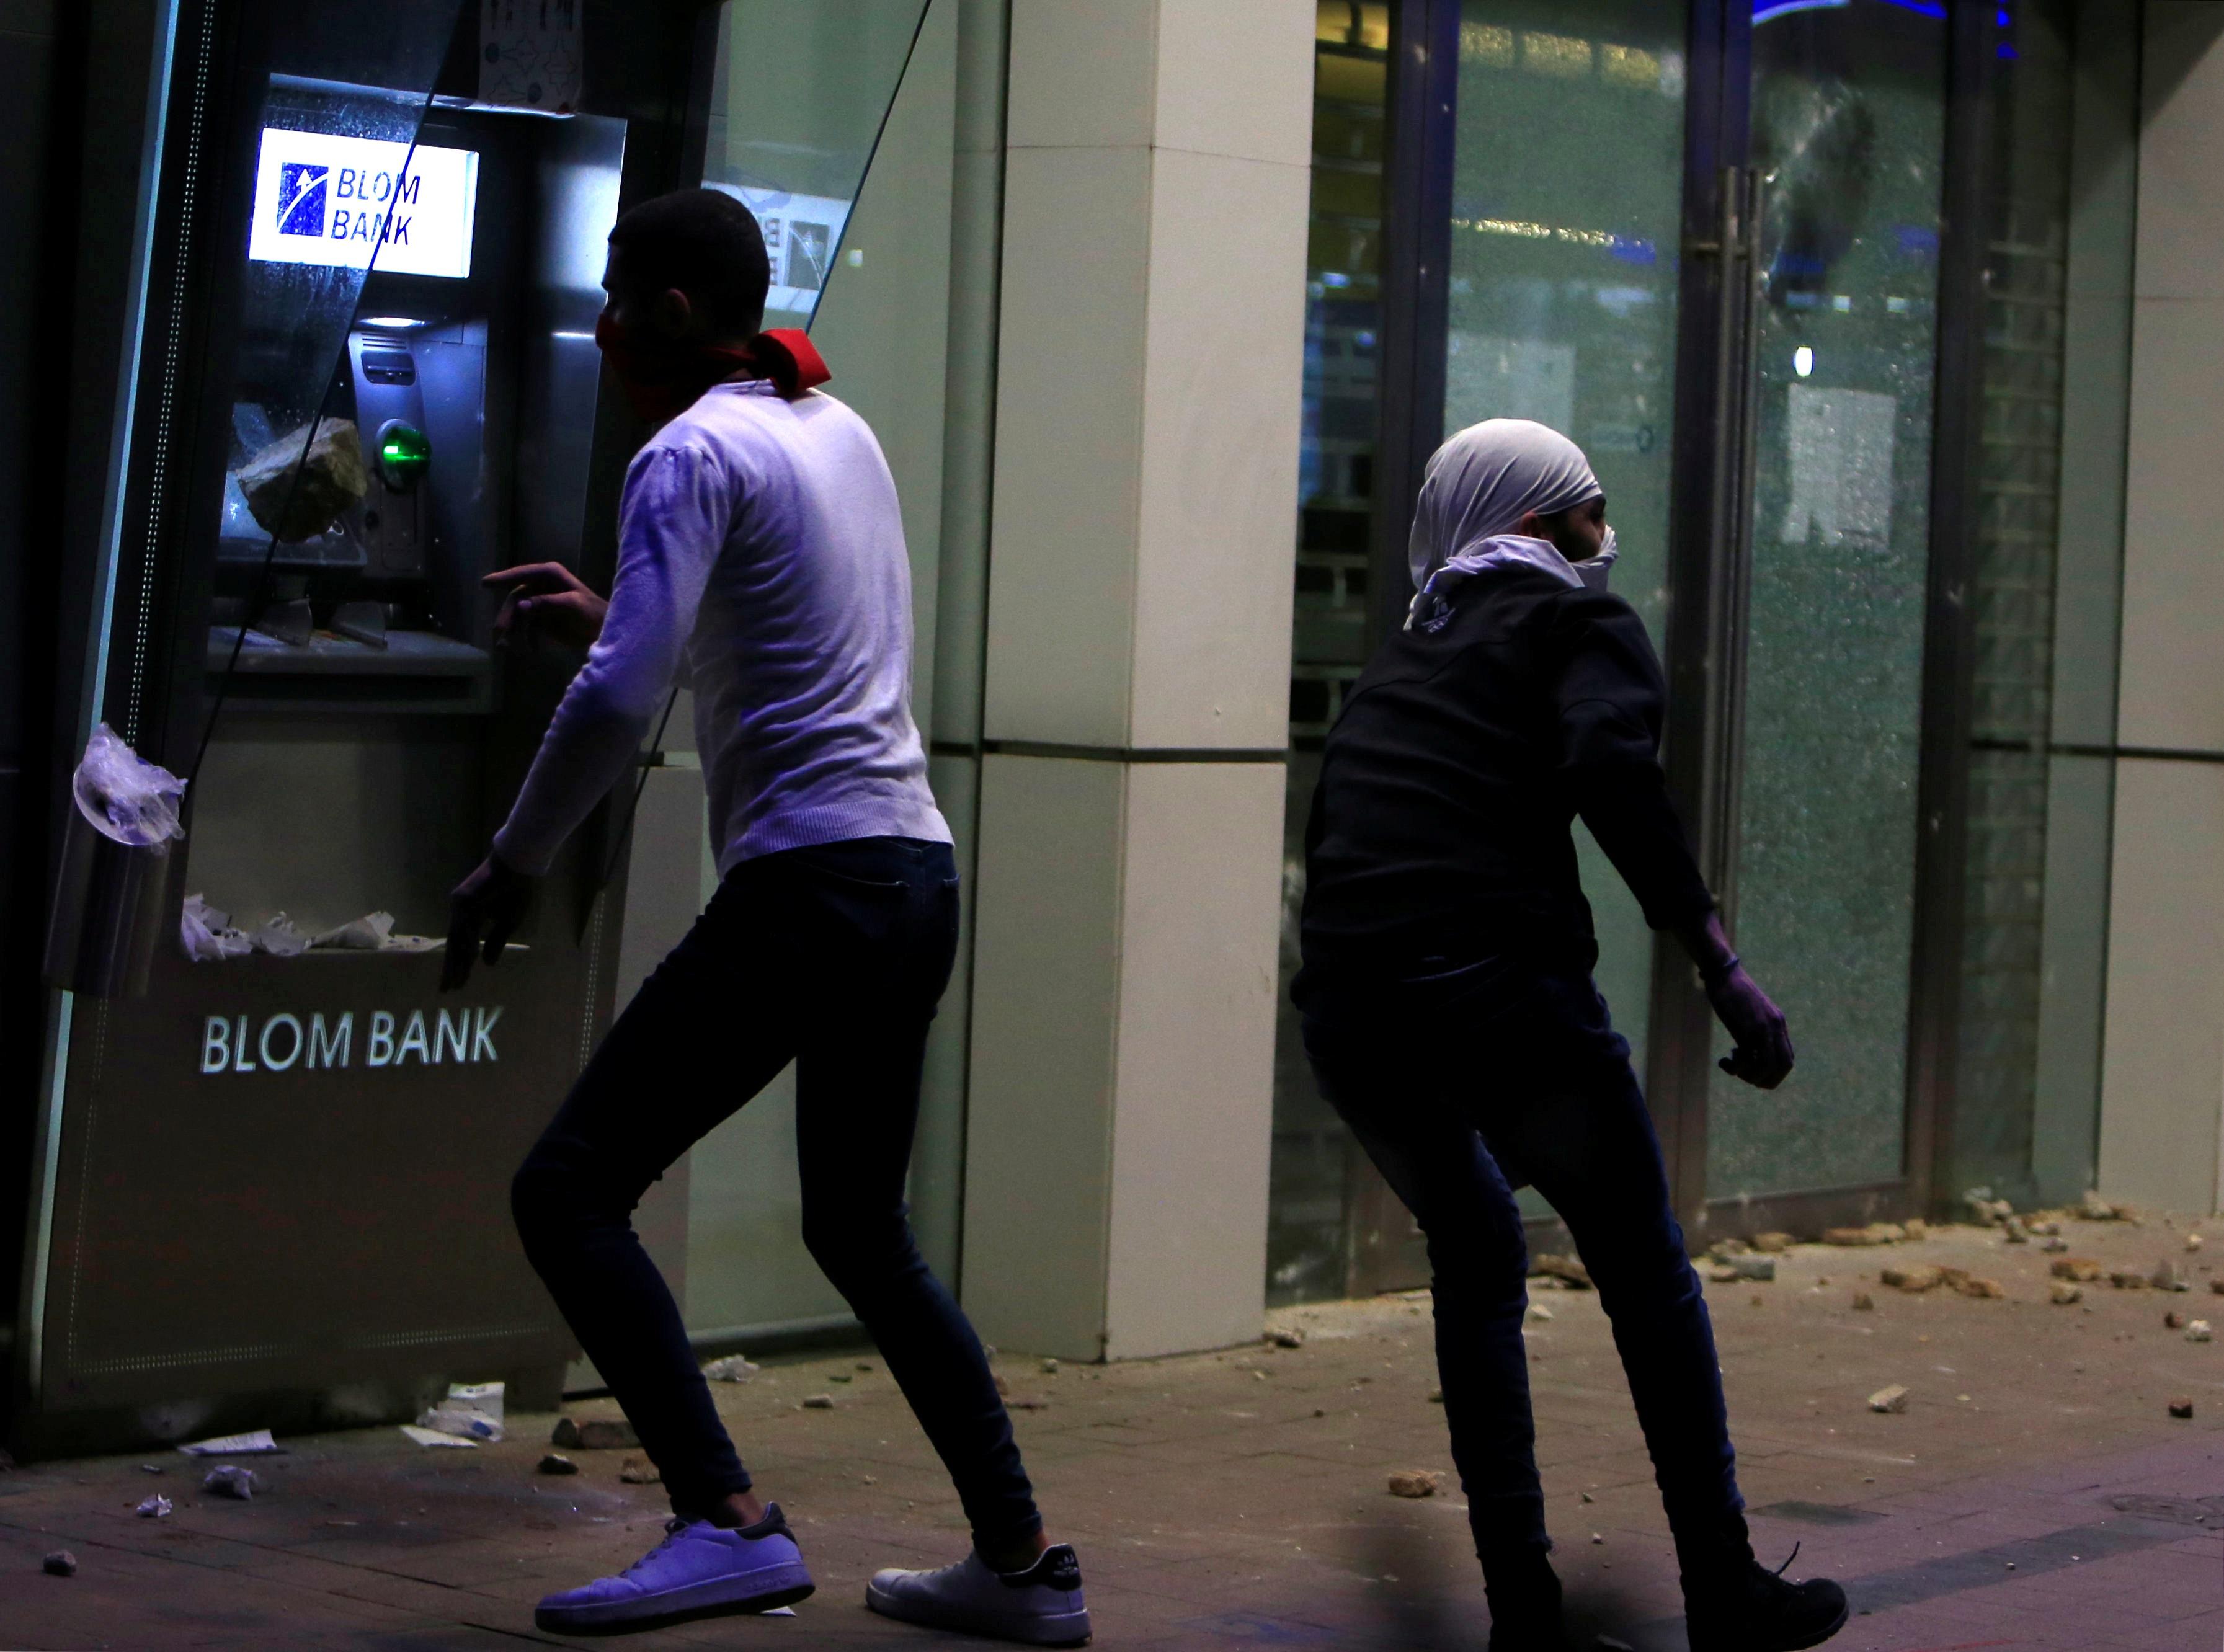 المصارف لم تسلم من غضب اللبنانيين.